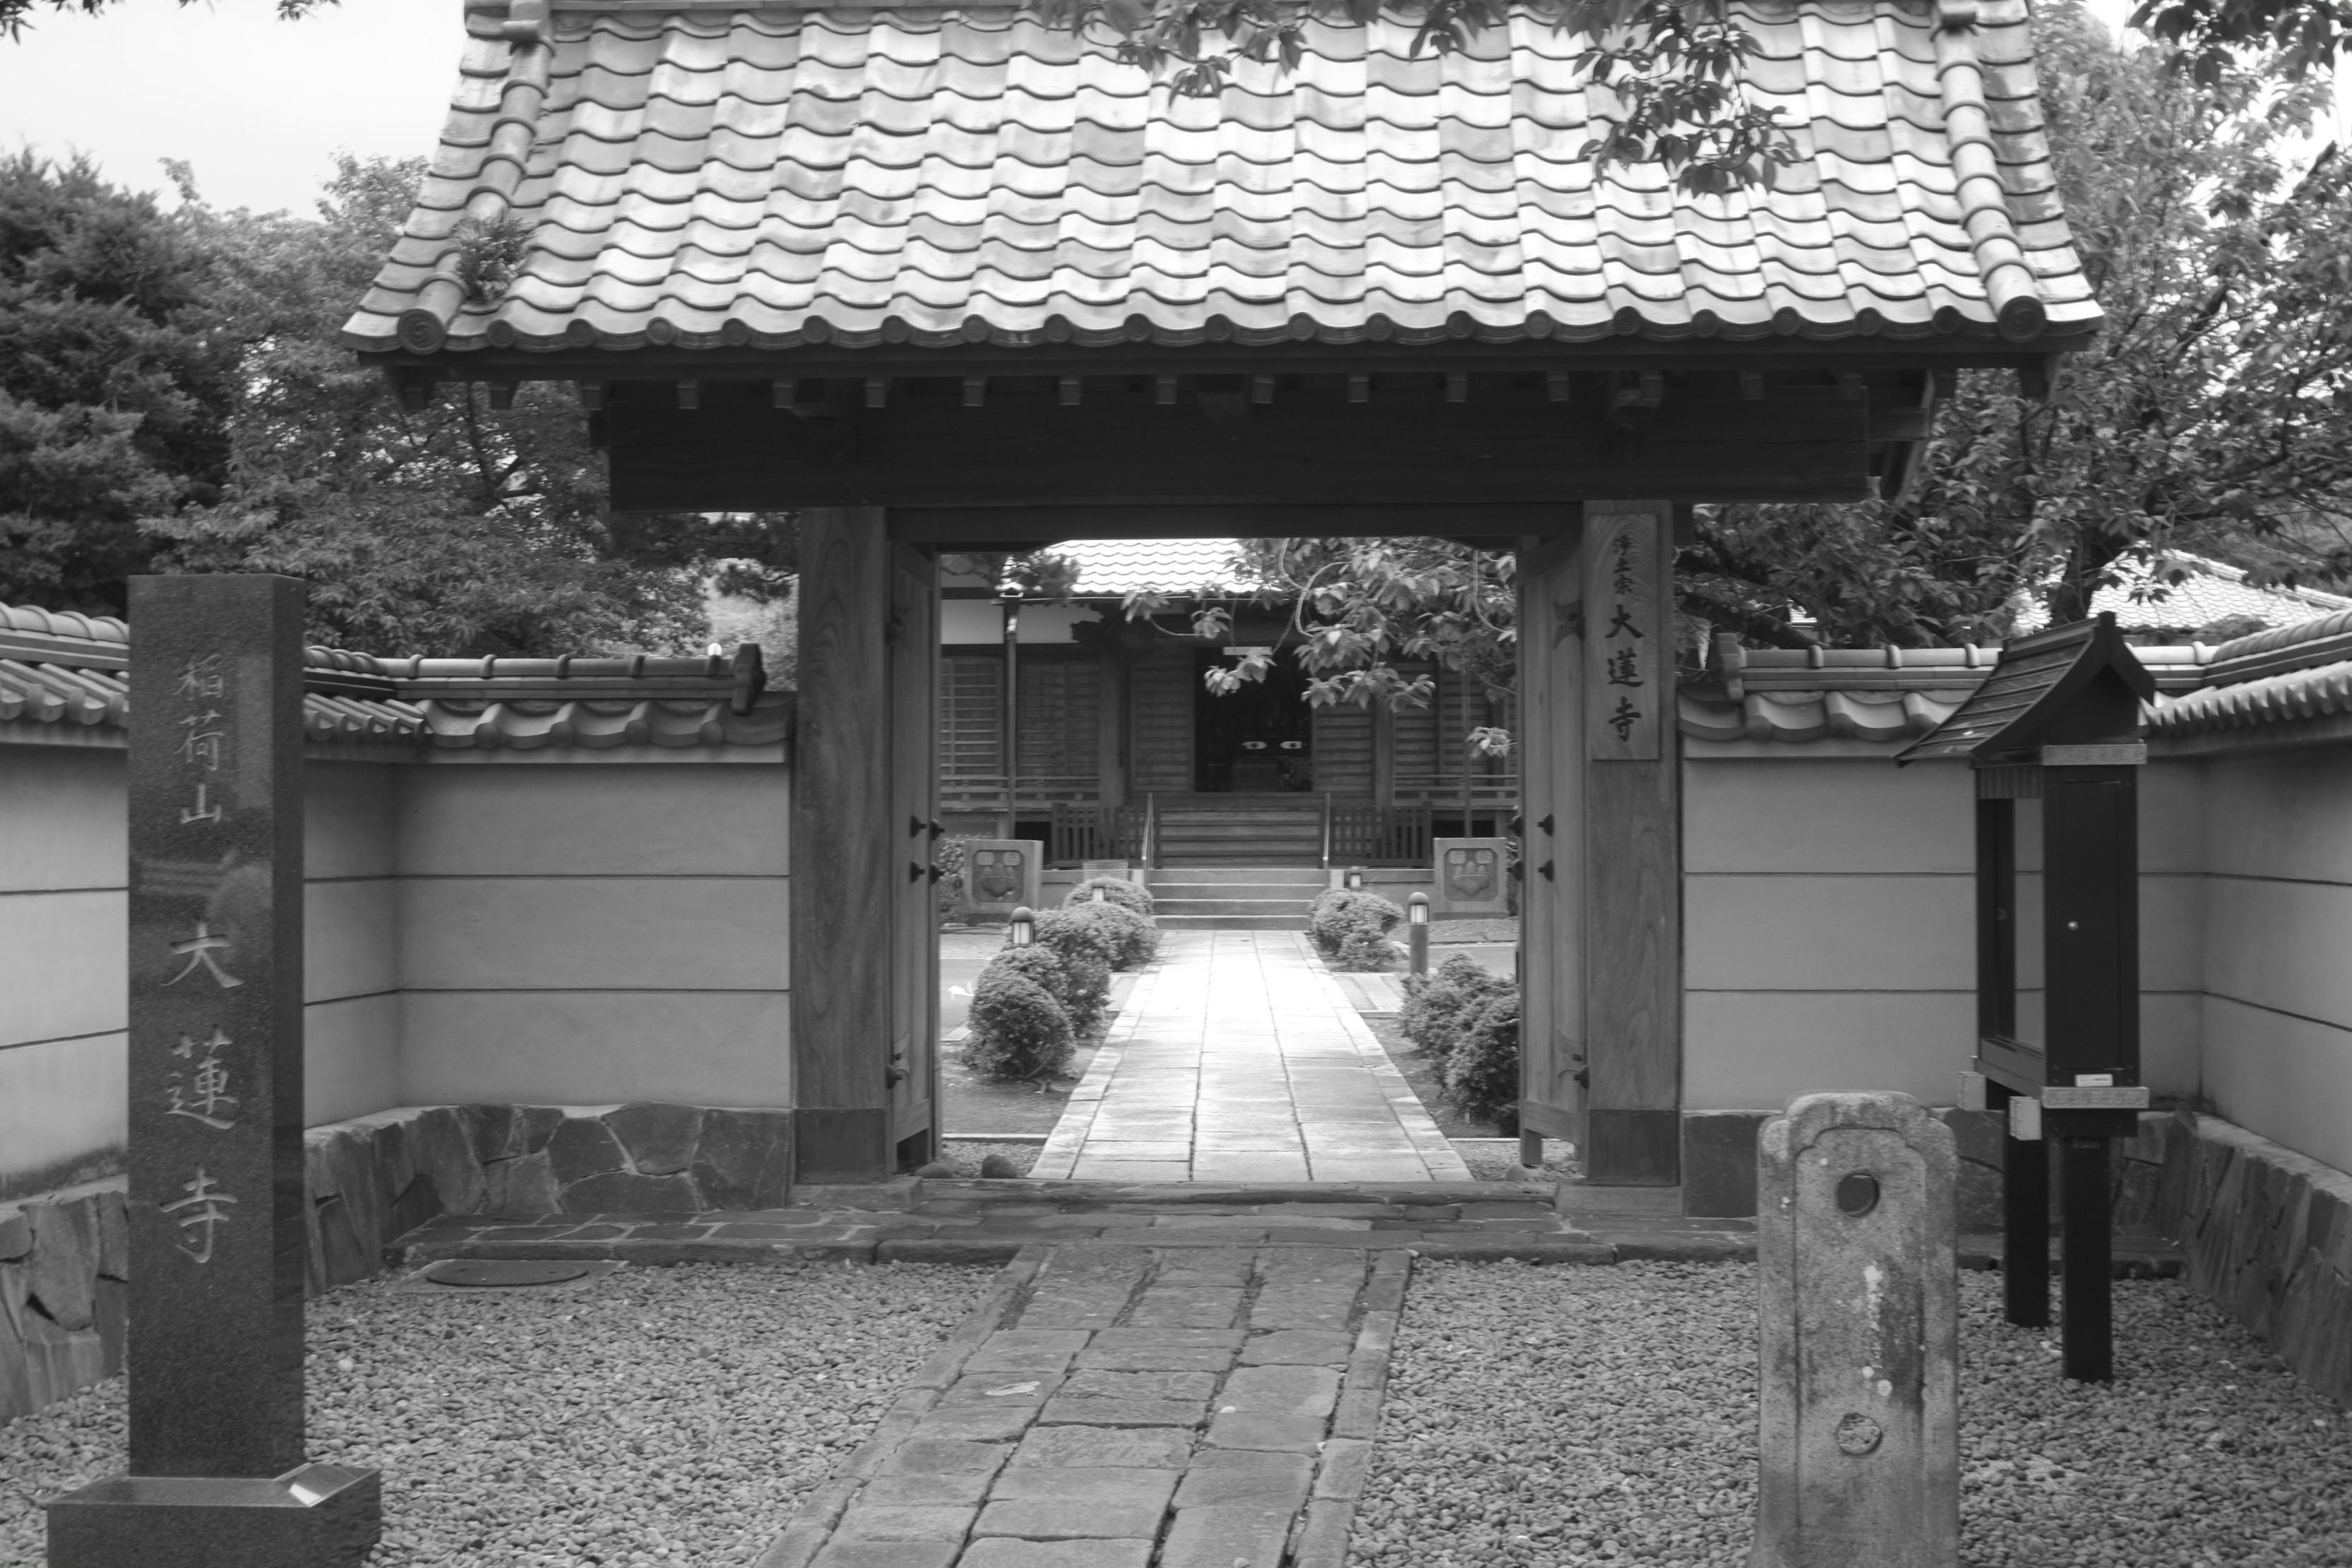 神社仏閣2 エルマー35/3.5「浄土宗大蓮寺・妙泉寺・正恩寺」